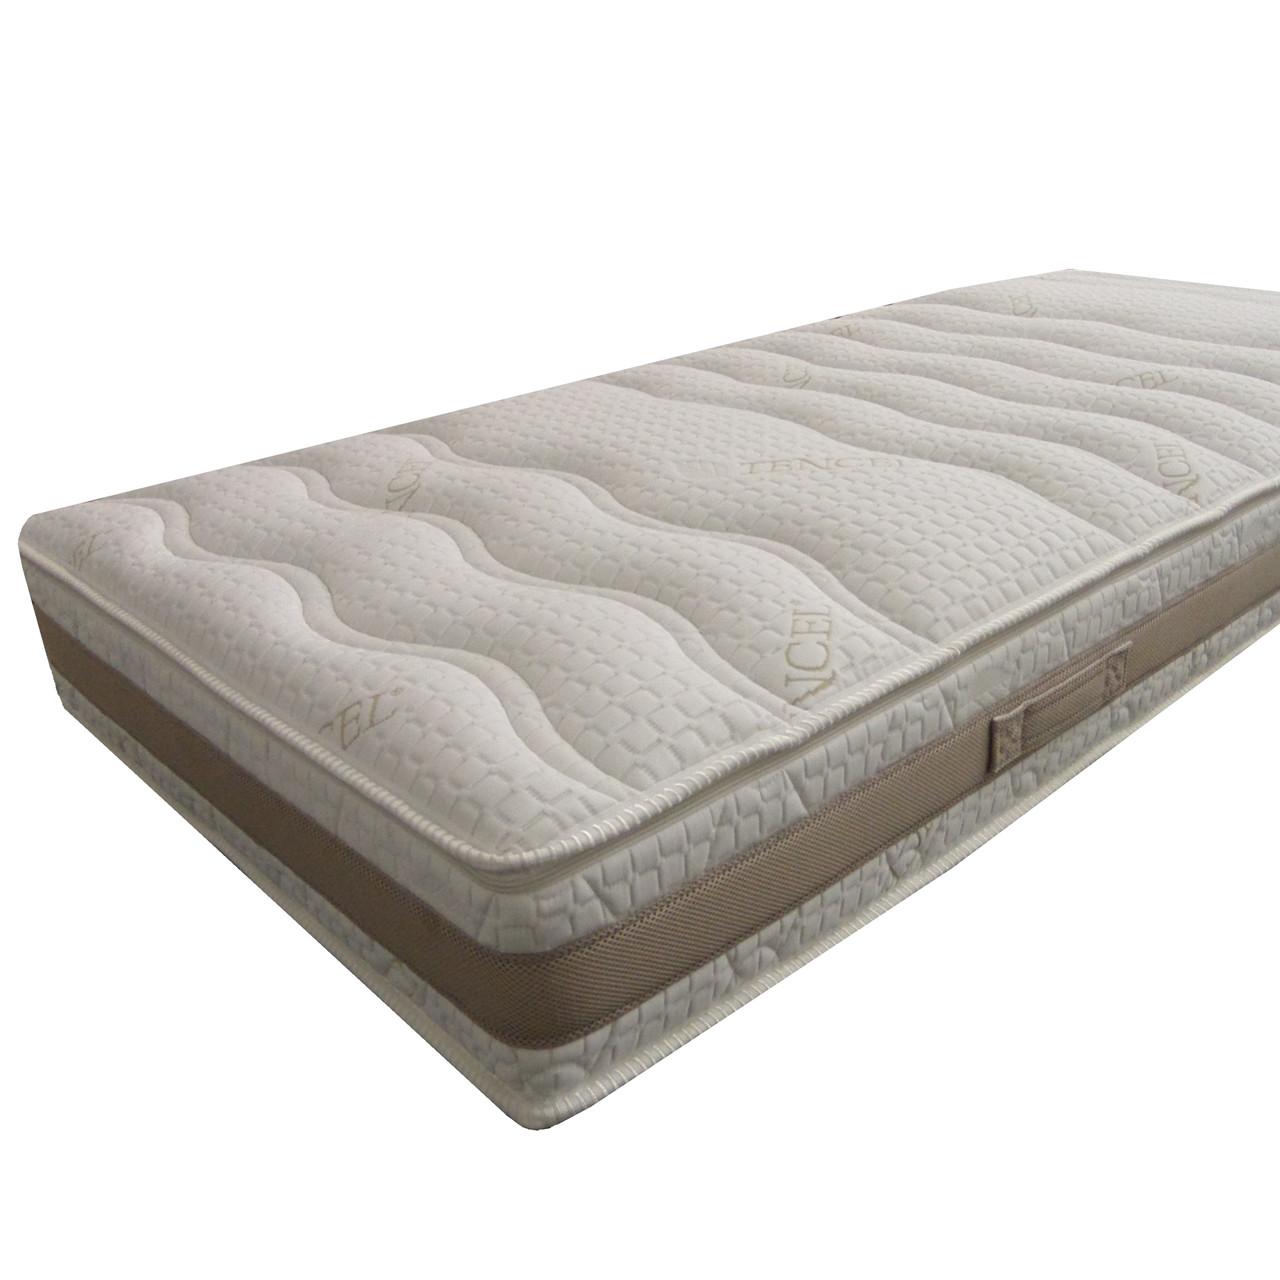 seng med madras madras, køb madrasser til seng online her seng med madras